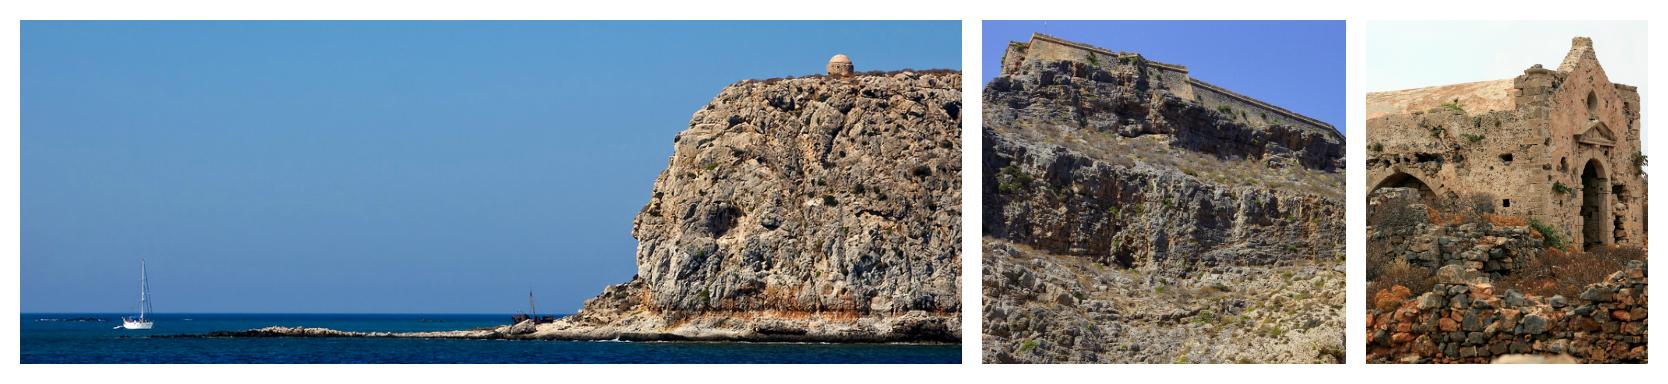 Gamvousa Islet